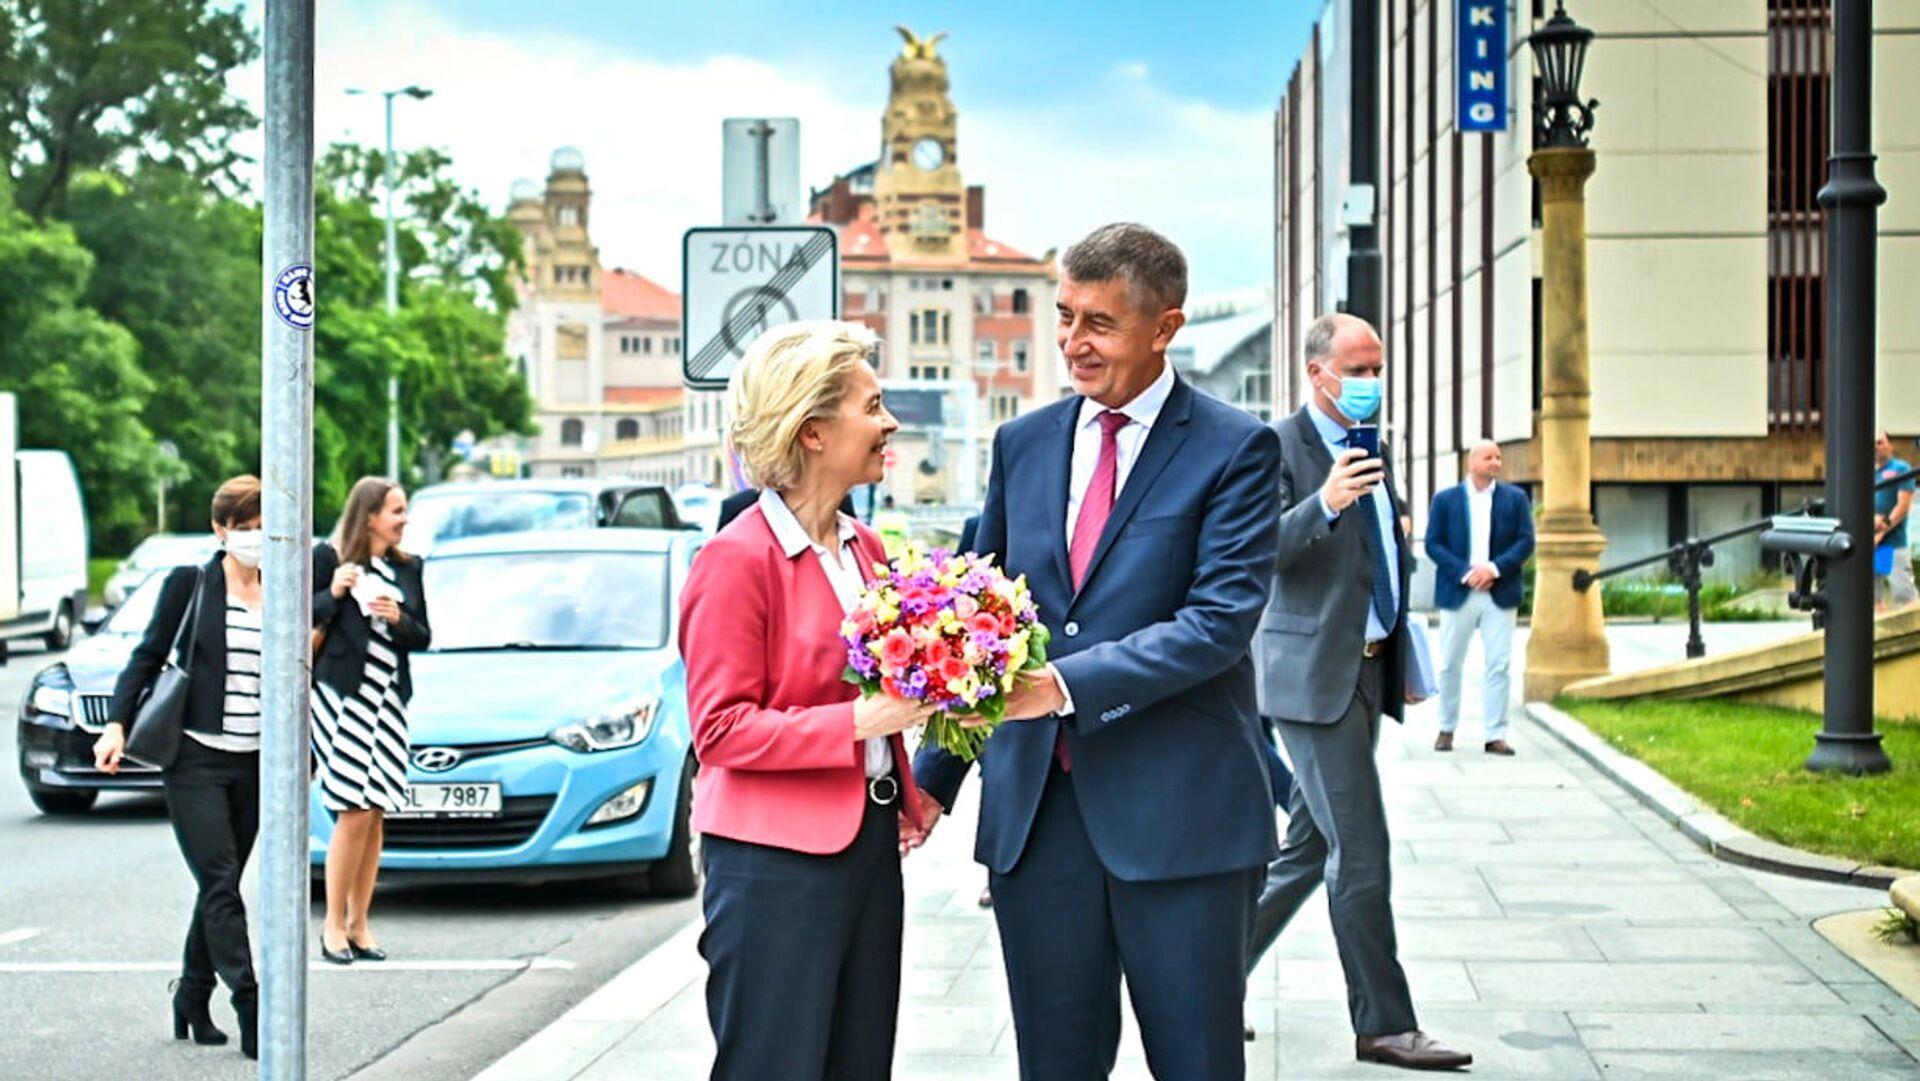 Český premiér Andrej Babiš dává květiny šéfce Evropské komise Ursule von der Leyenové - Sputnik Česká republika, 1920, 19.07.2021